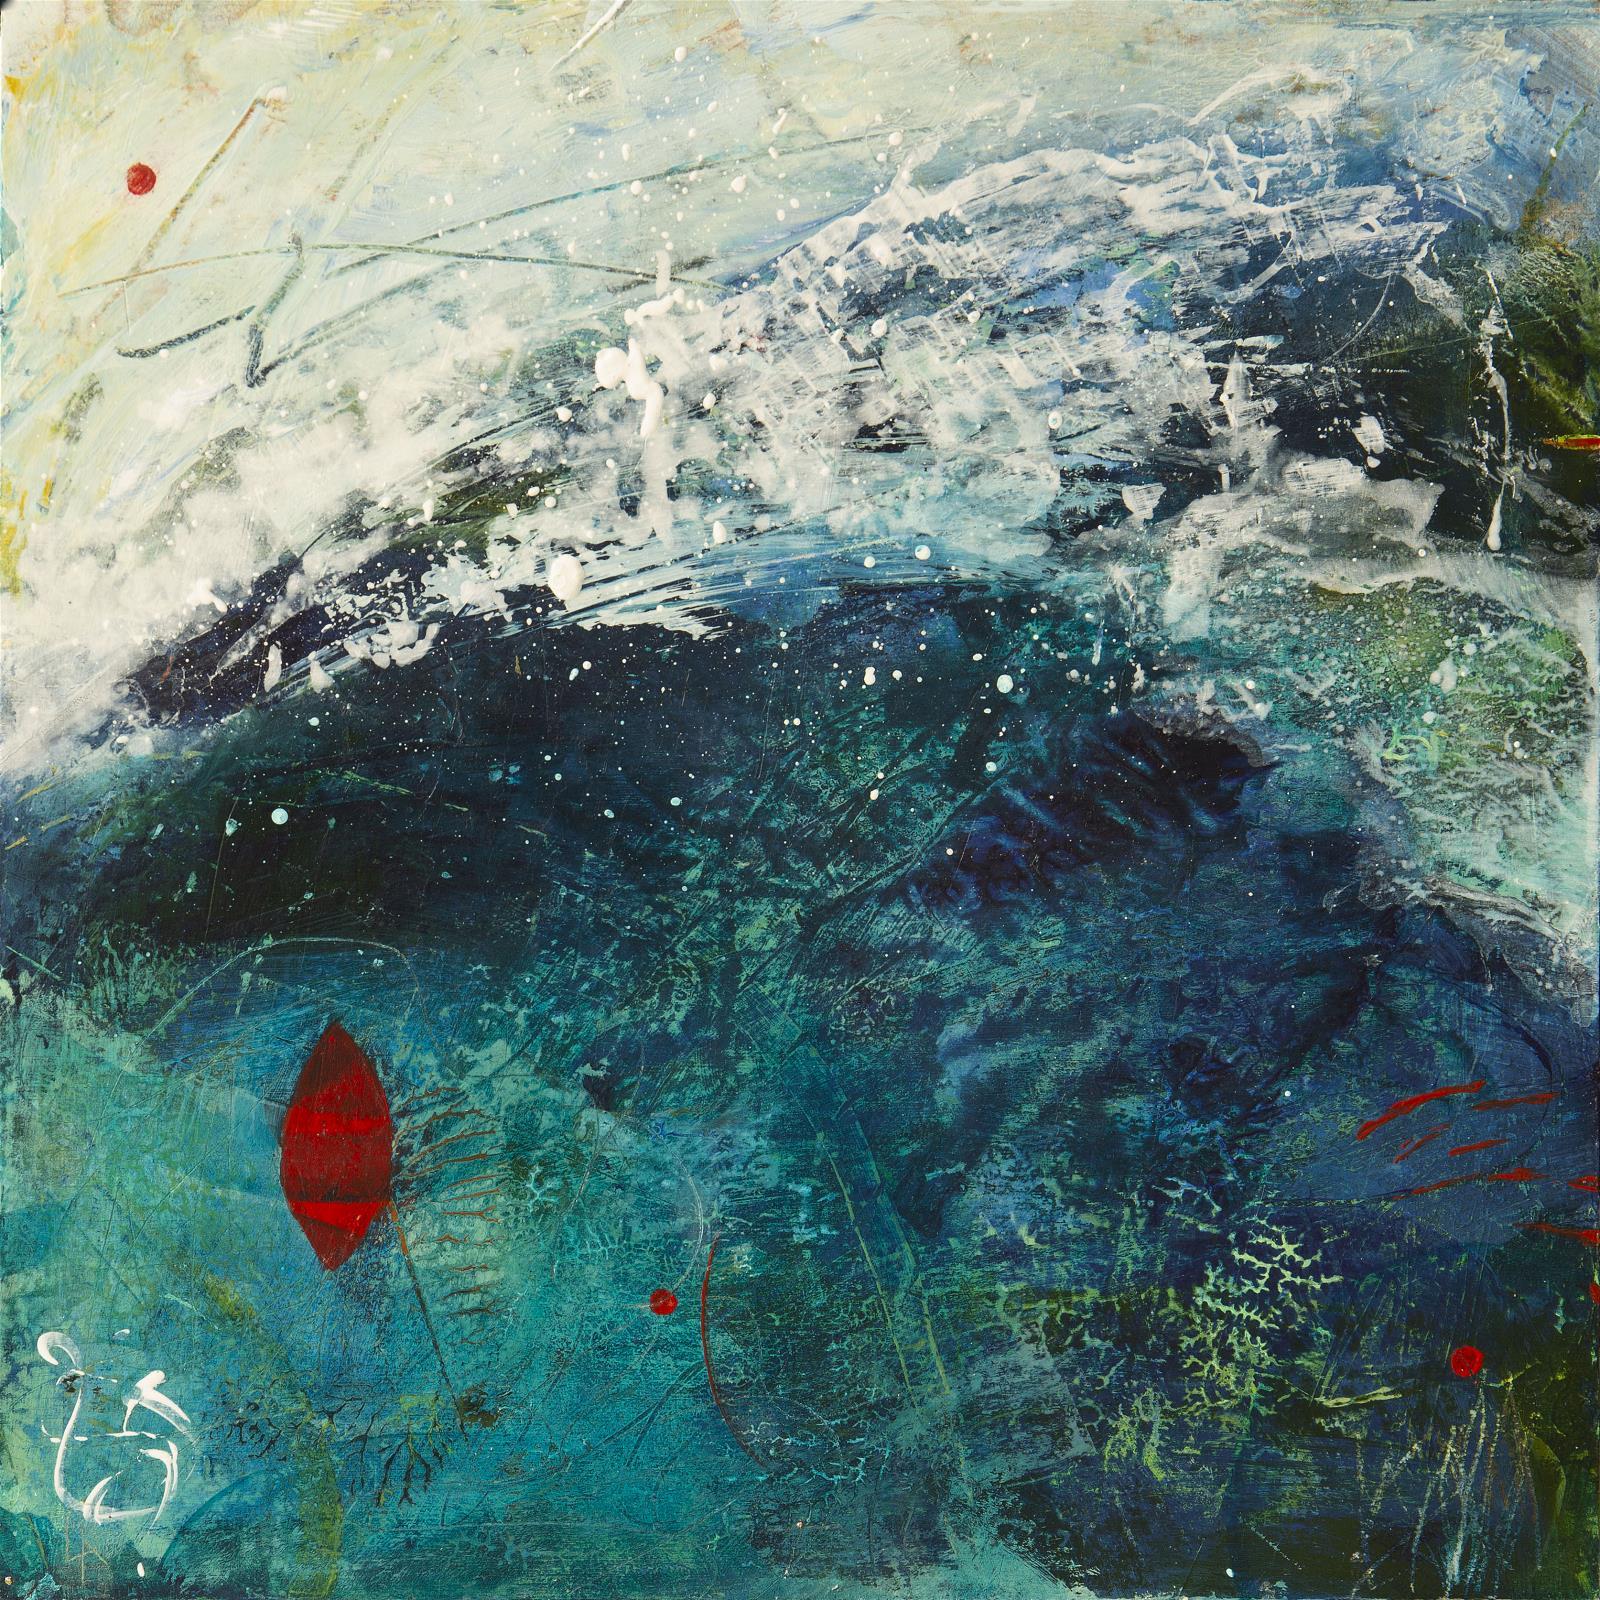 Flounderling